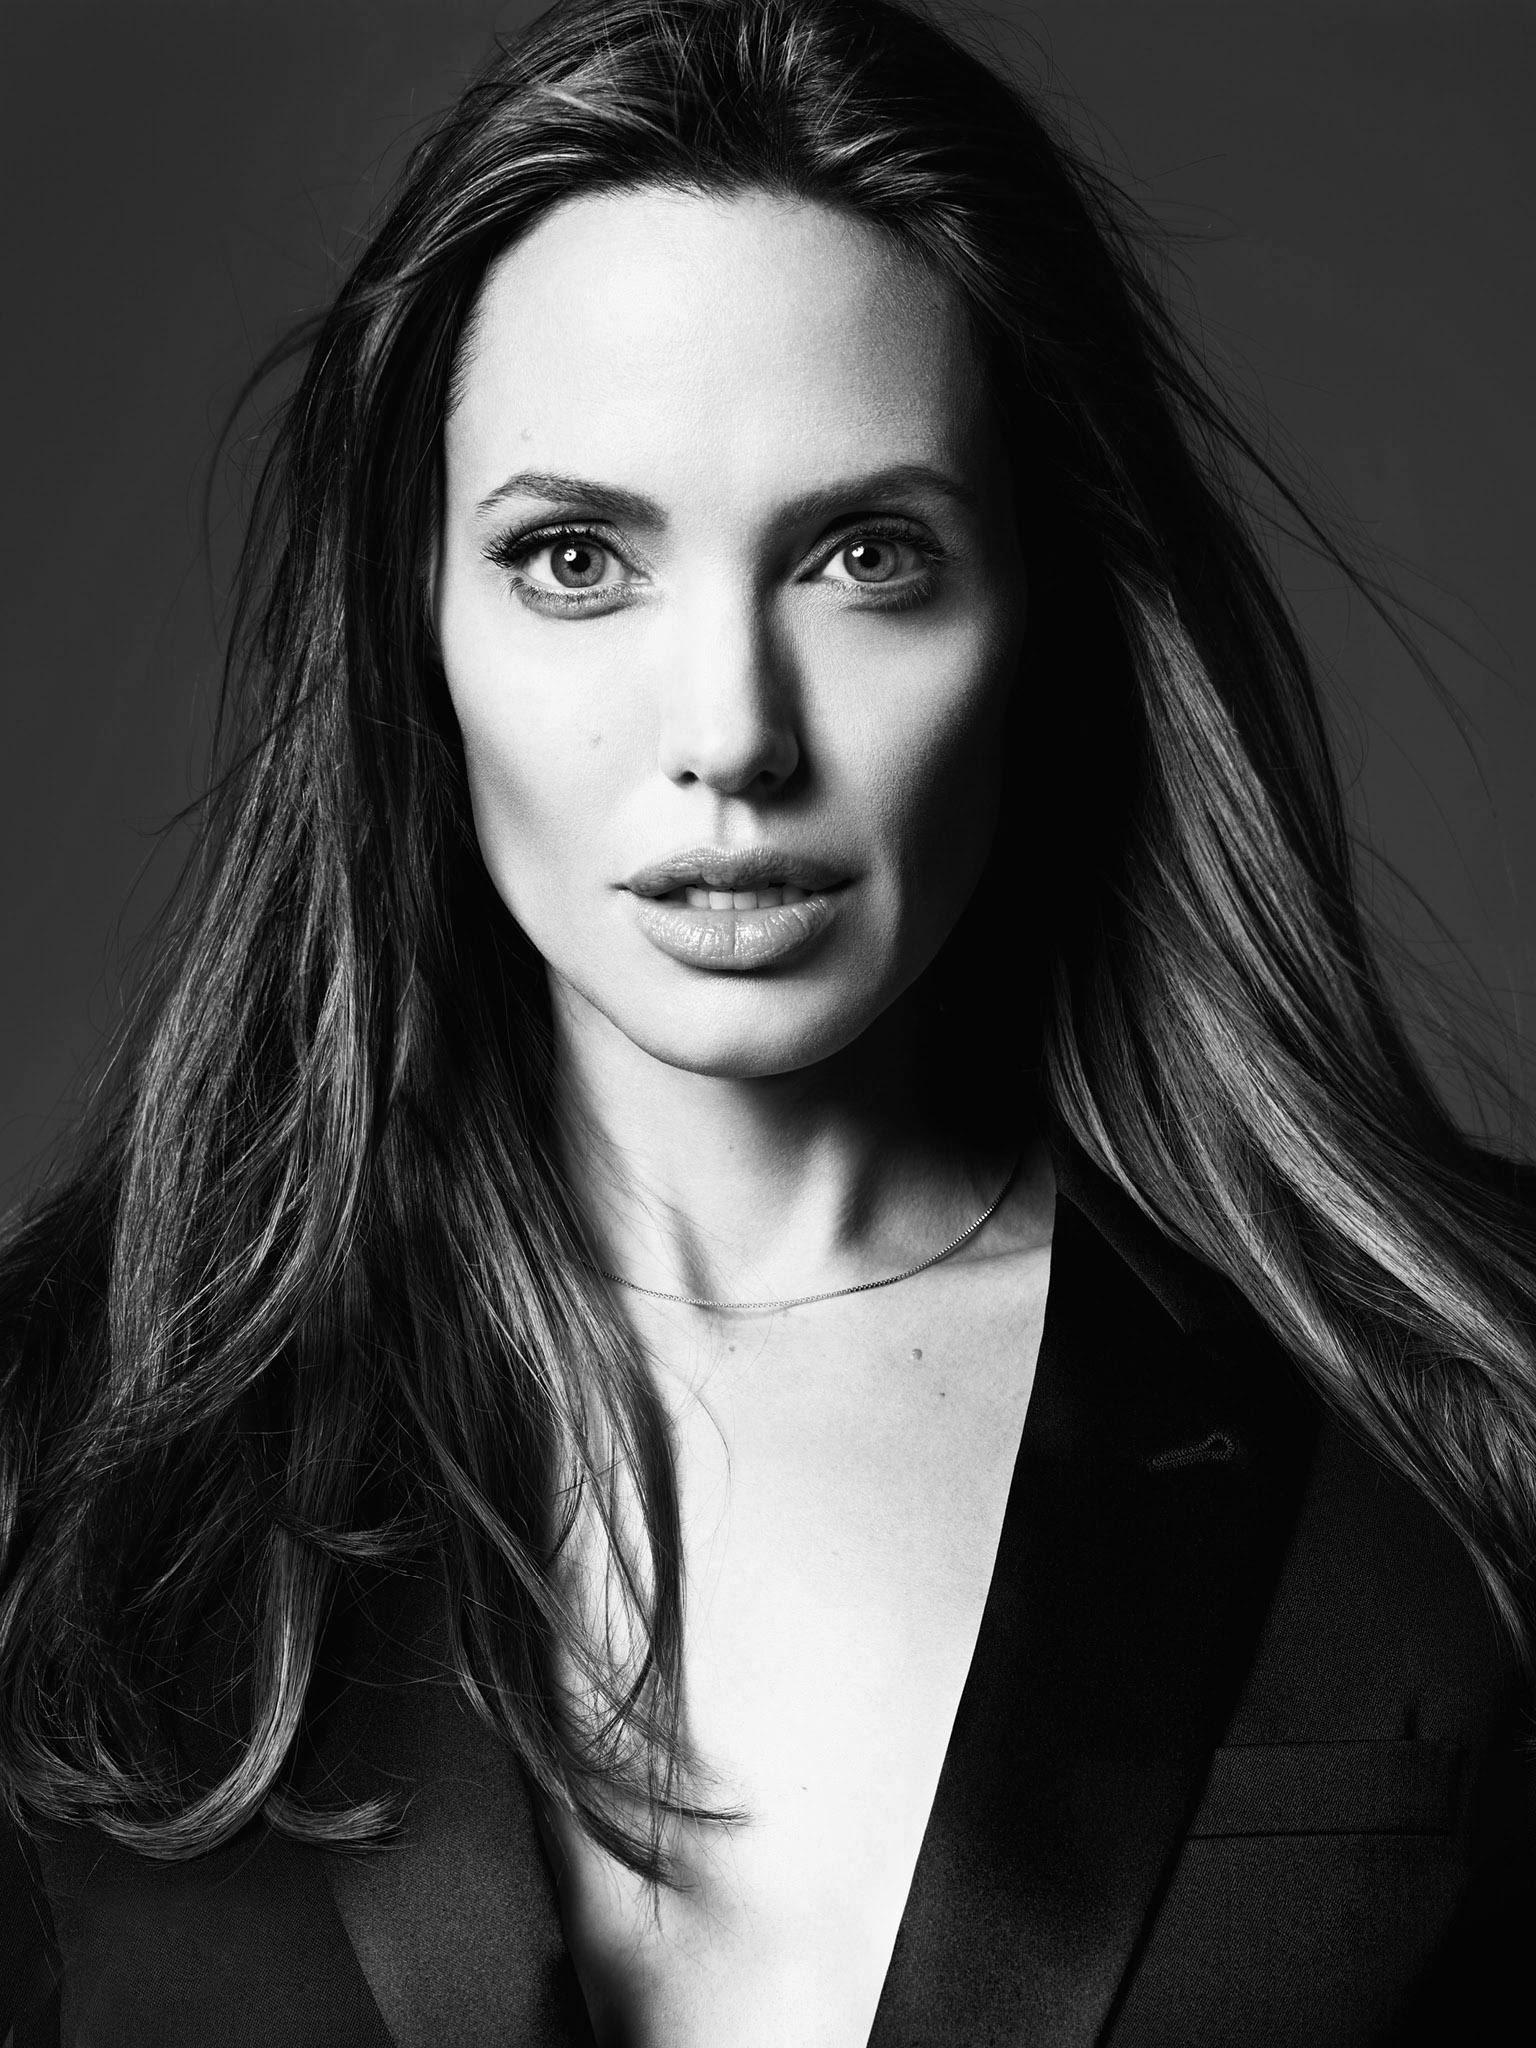 德国_Angelina Jolie by Hedi Slimane at Elle US June 2014 – YESON FASHION